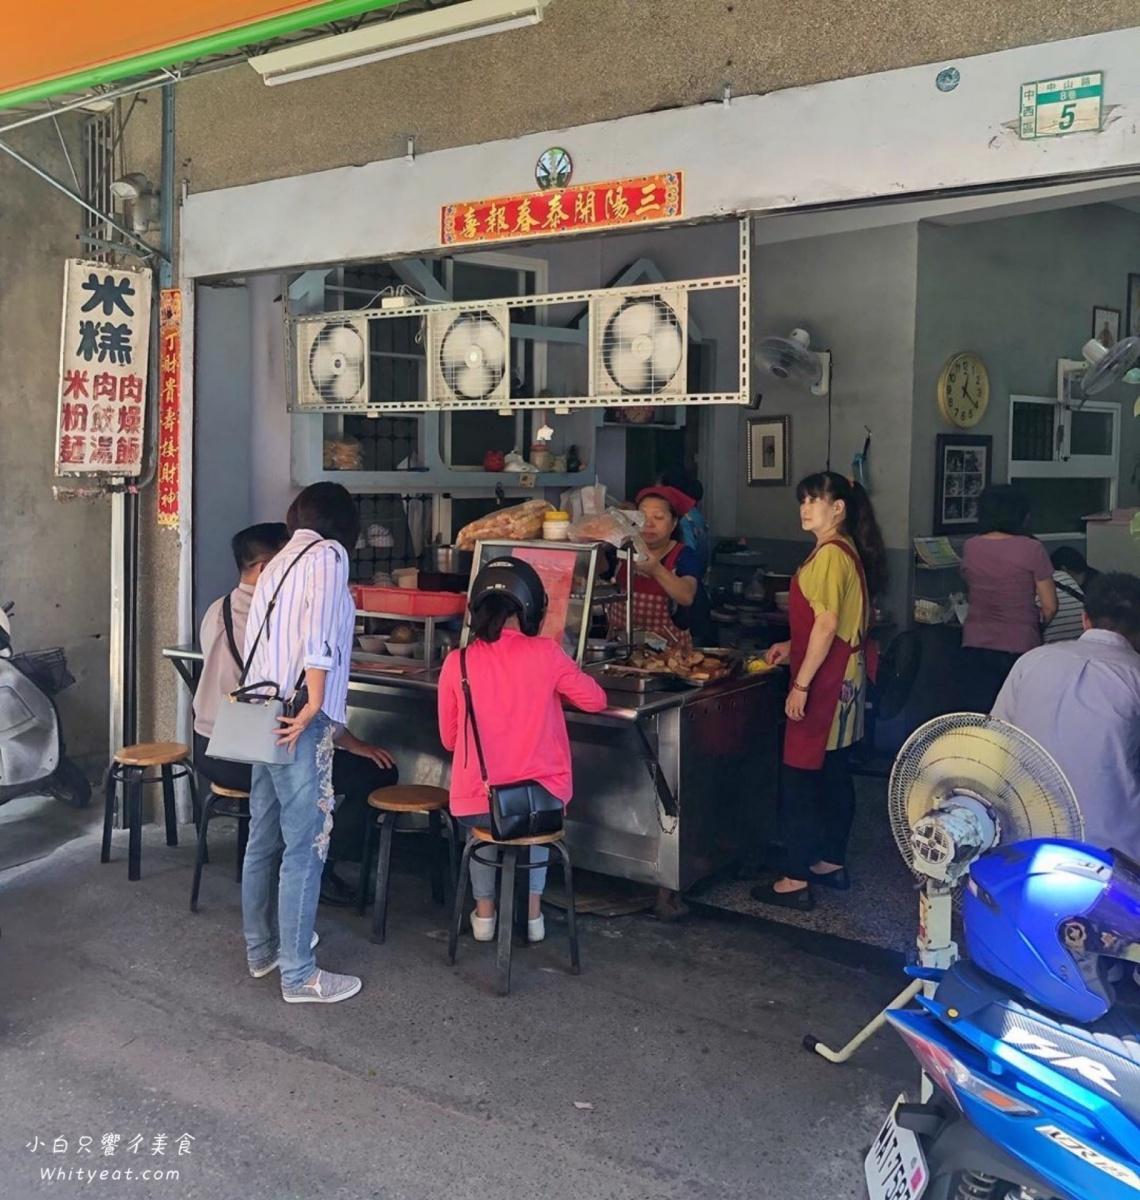 先筆記!台南古早味米糕加「半熟蛋」超對味,滷到透亮肉燥飯也只要15元